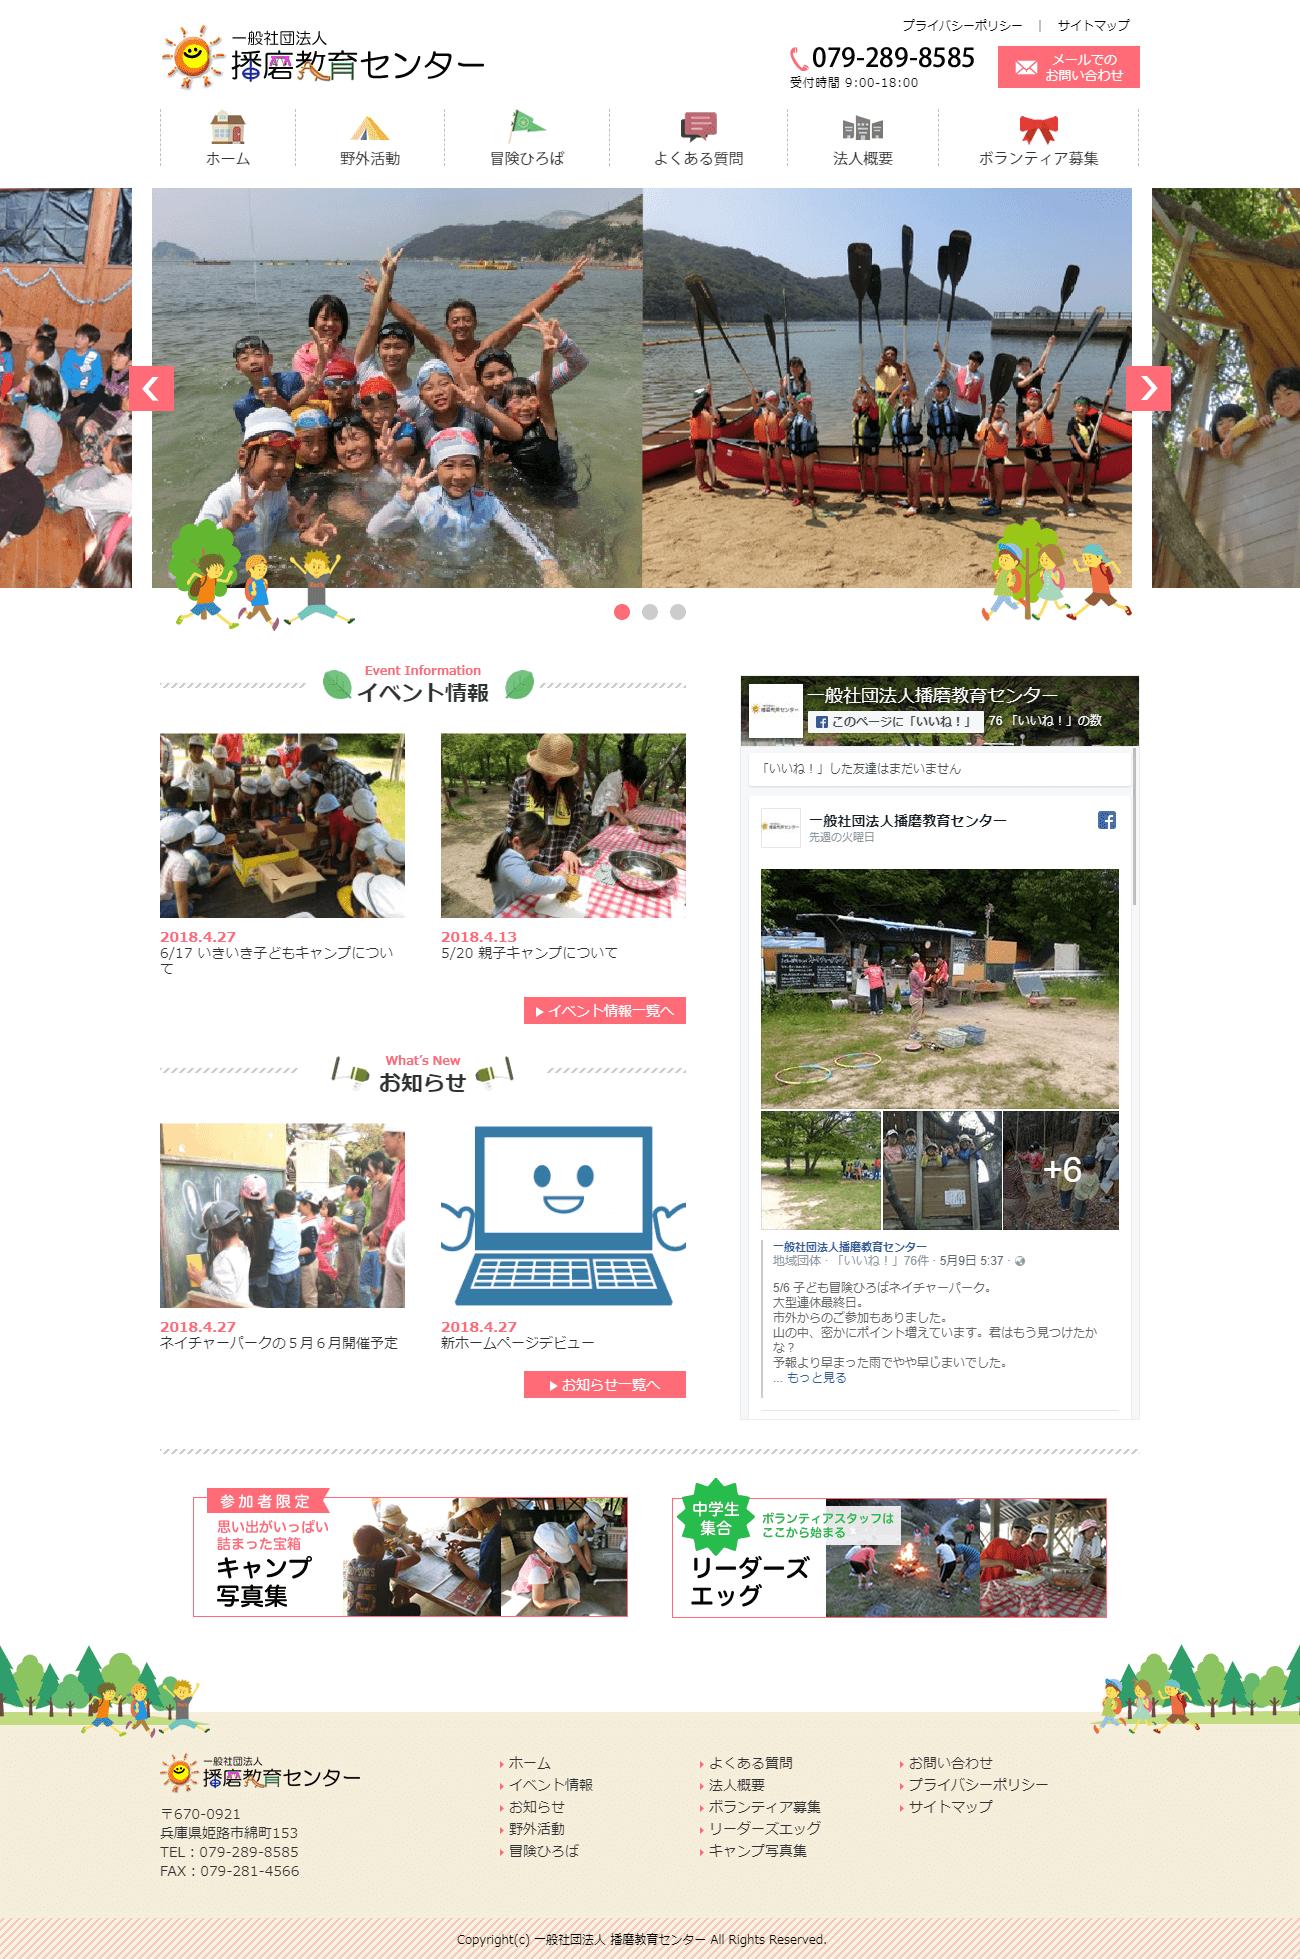 姫路市 一般社団法人播磨教育センター様 ホームページ制作1